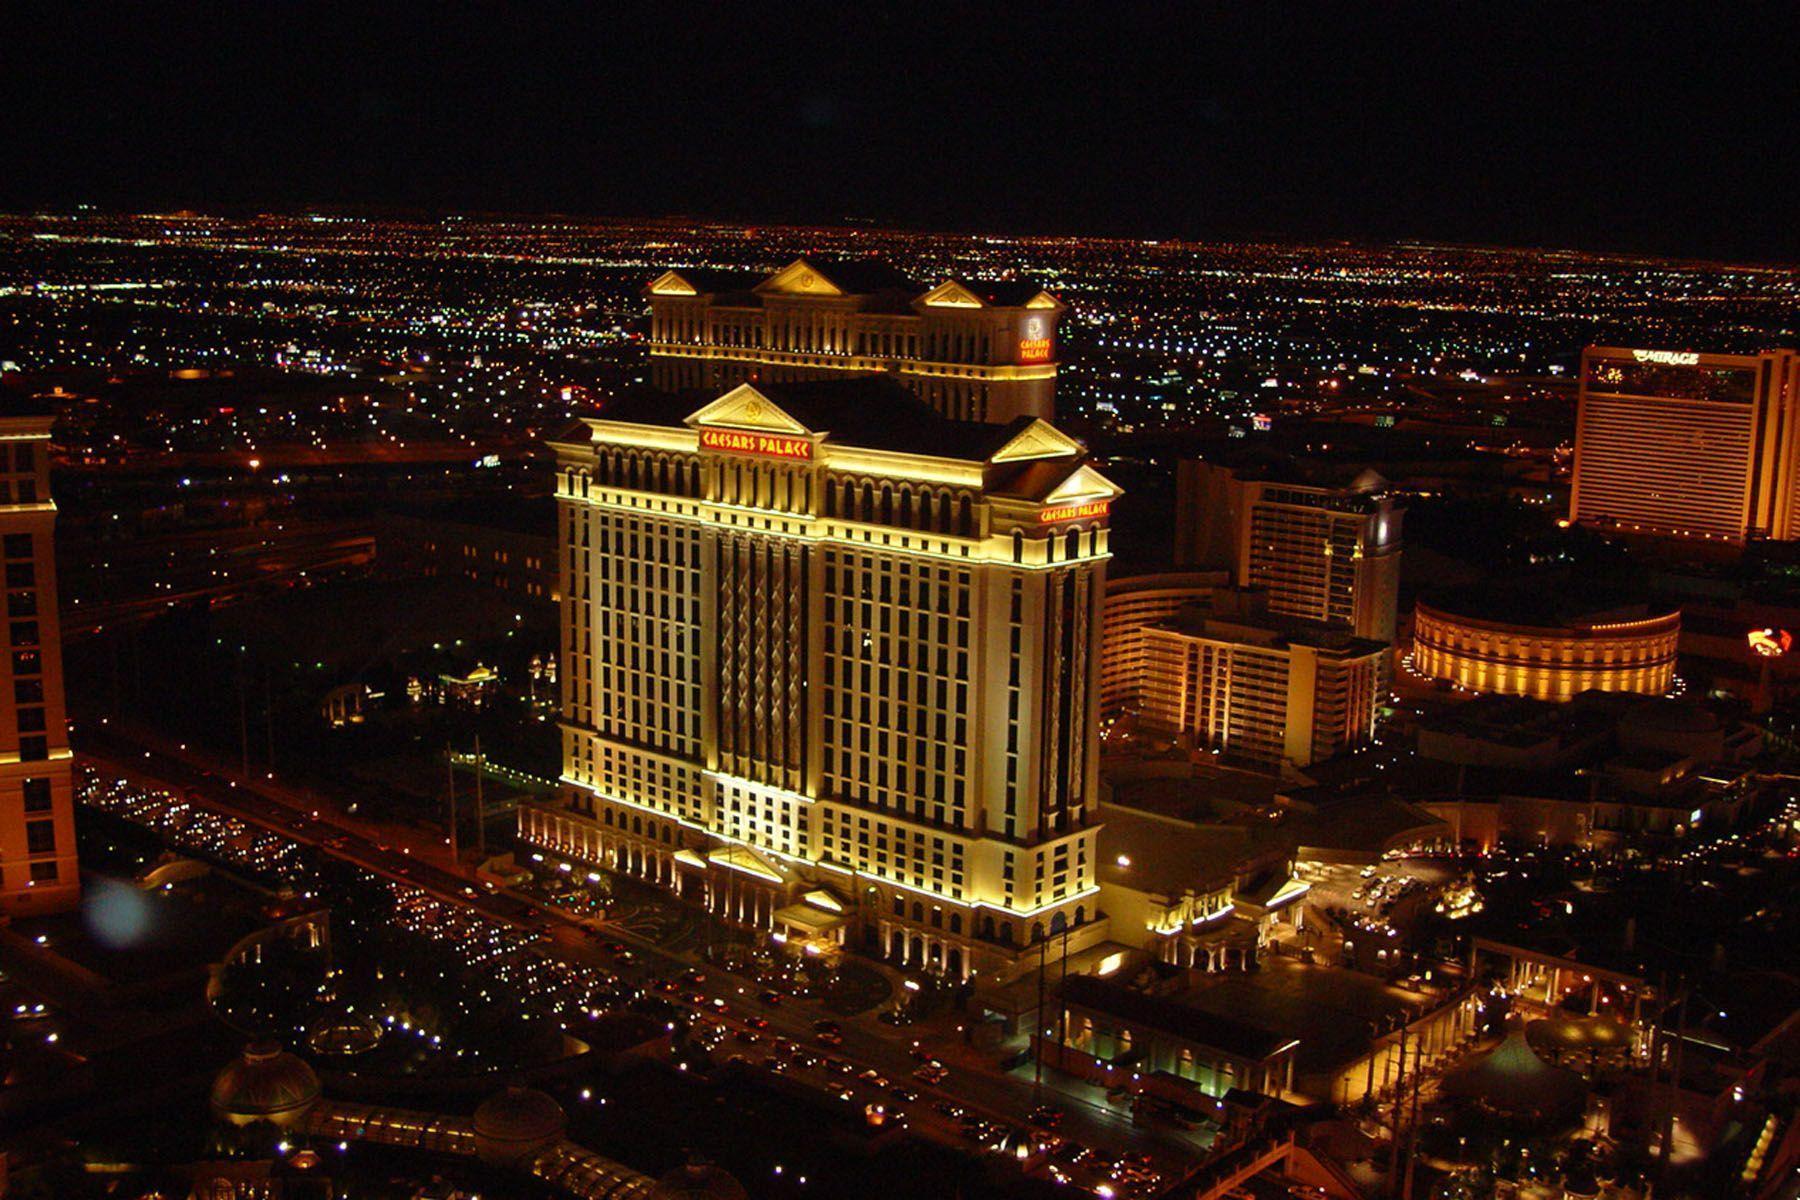 Las Vegas Backgrounds Wallpapers: Las Vegas Backgrounds Pictures